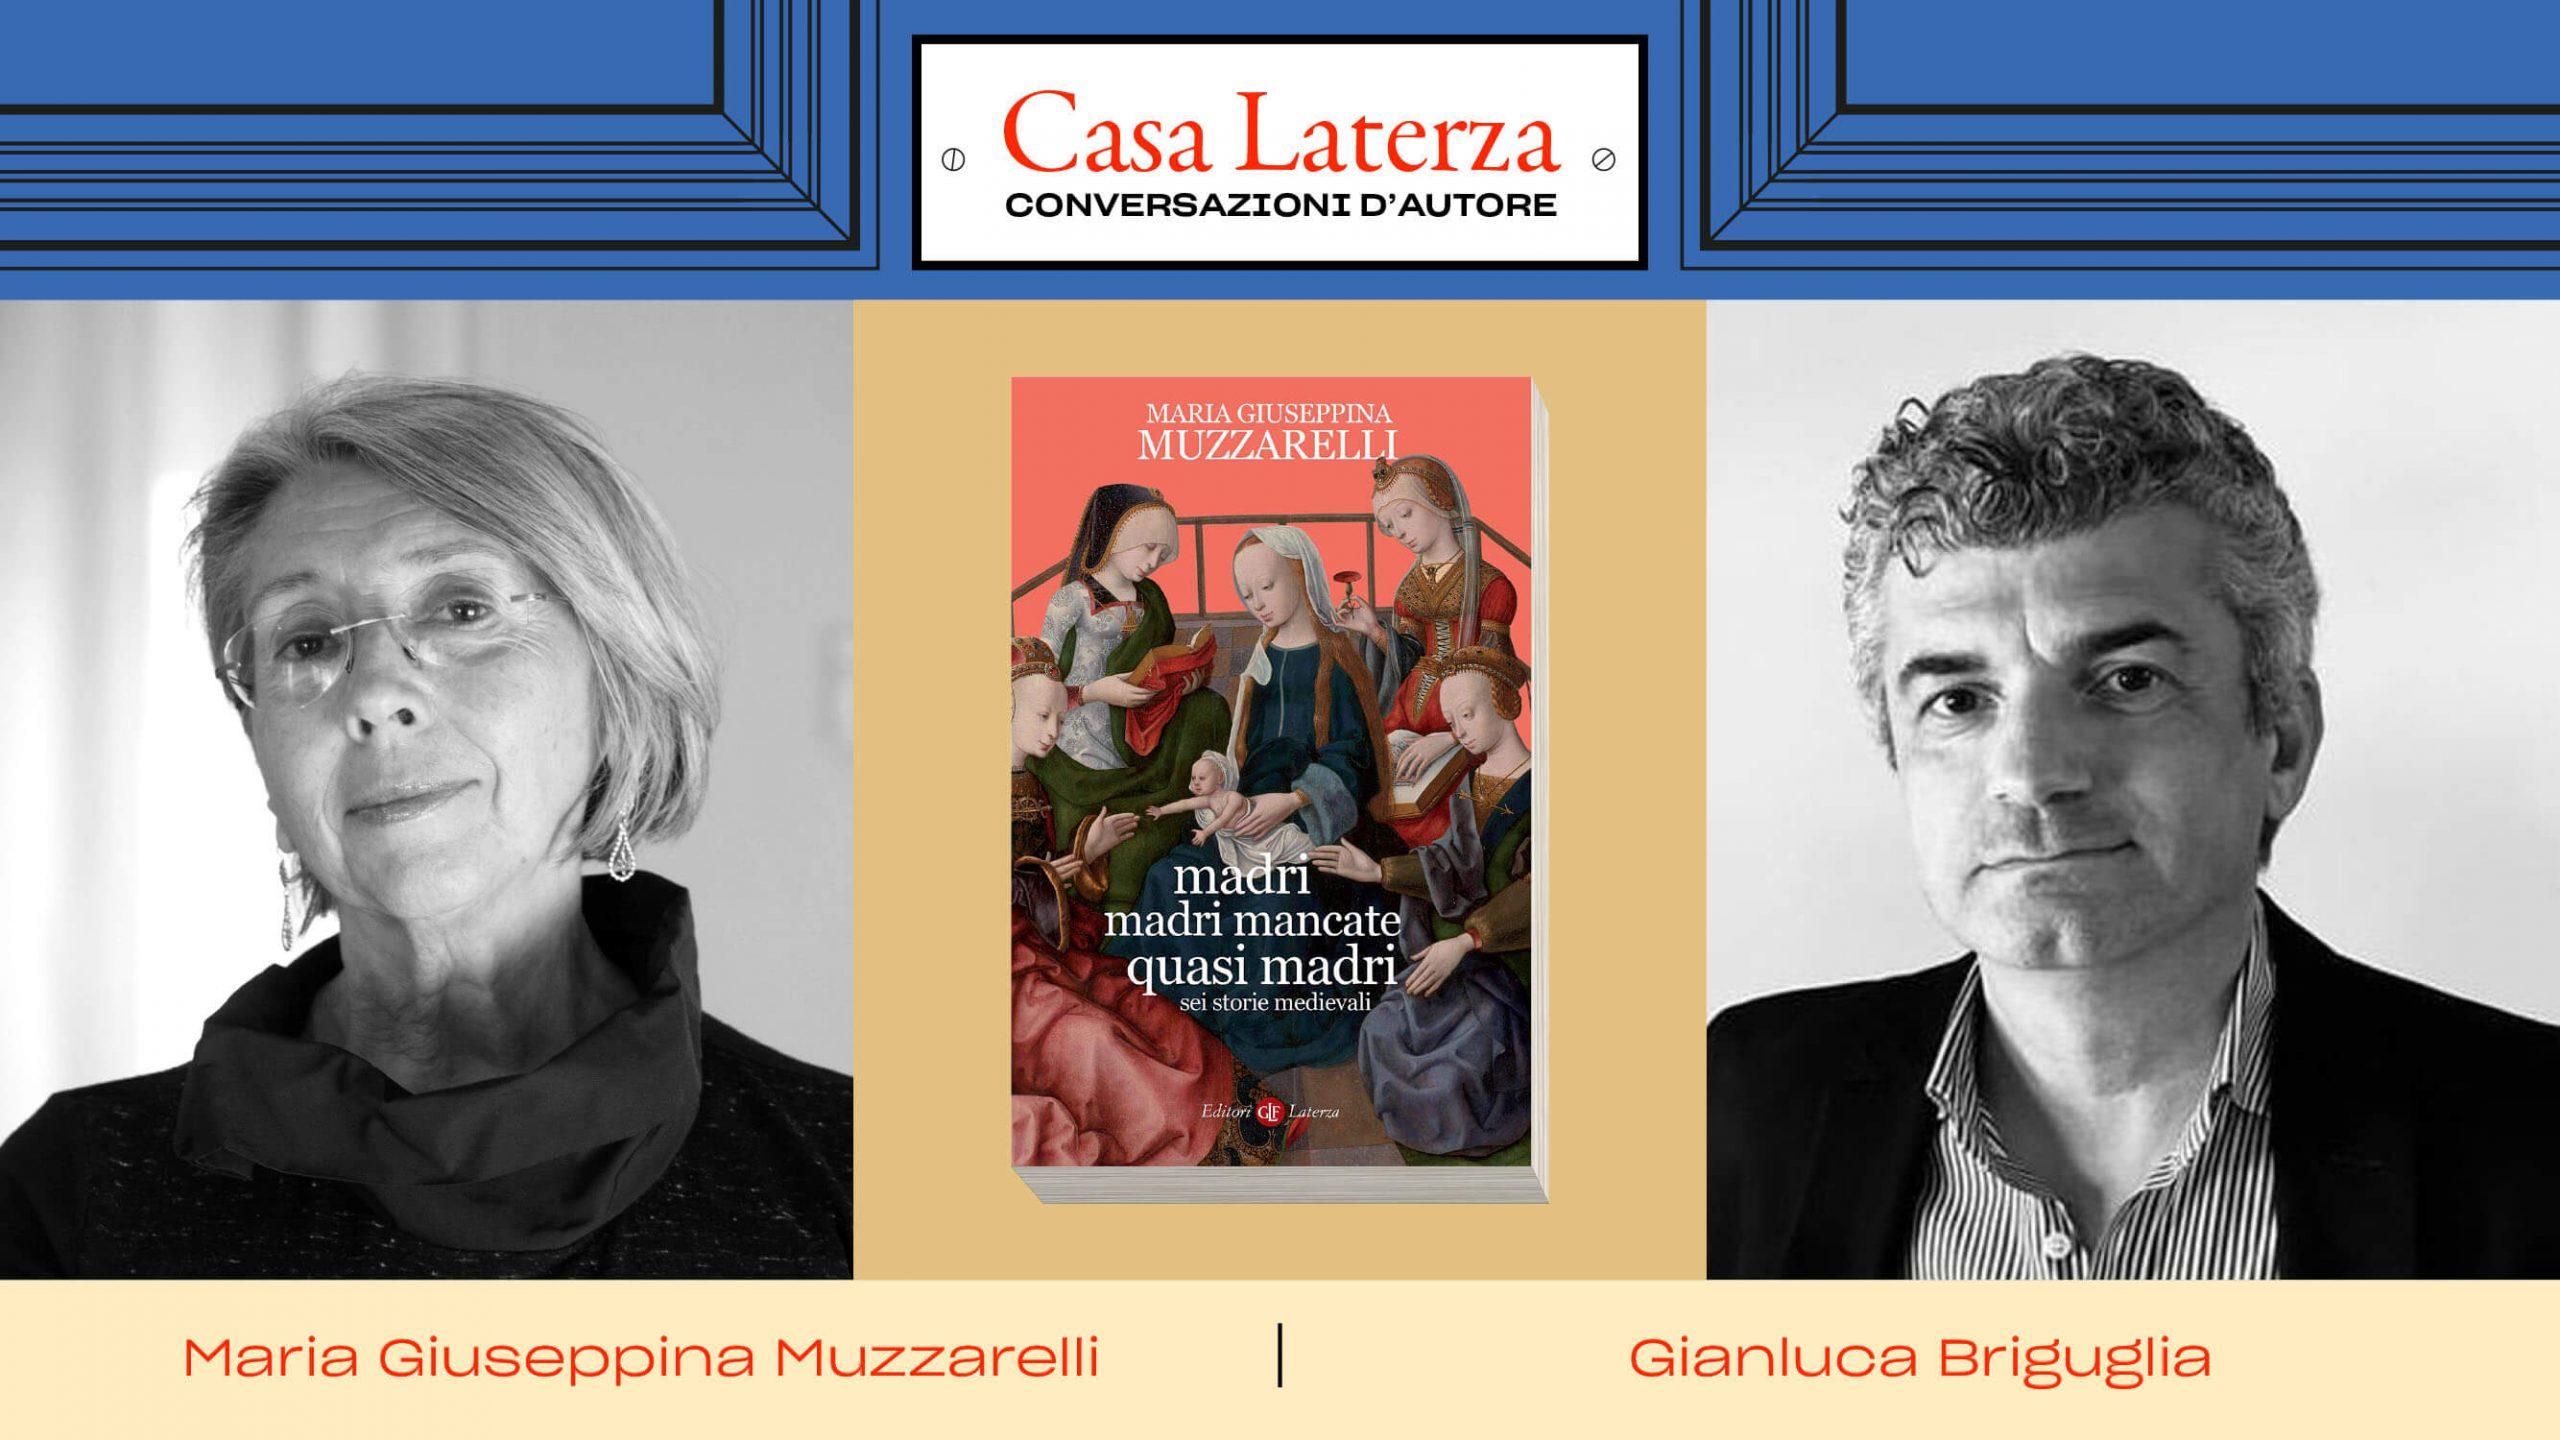 #CasaLaterza: Maria Giuseppina Muzzarelli dialoga con Gianluca Briguglia